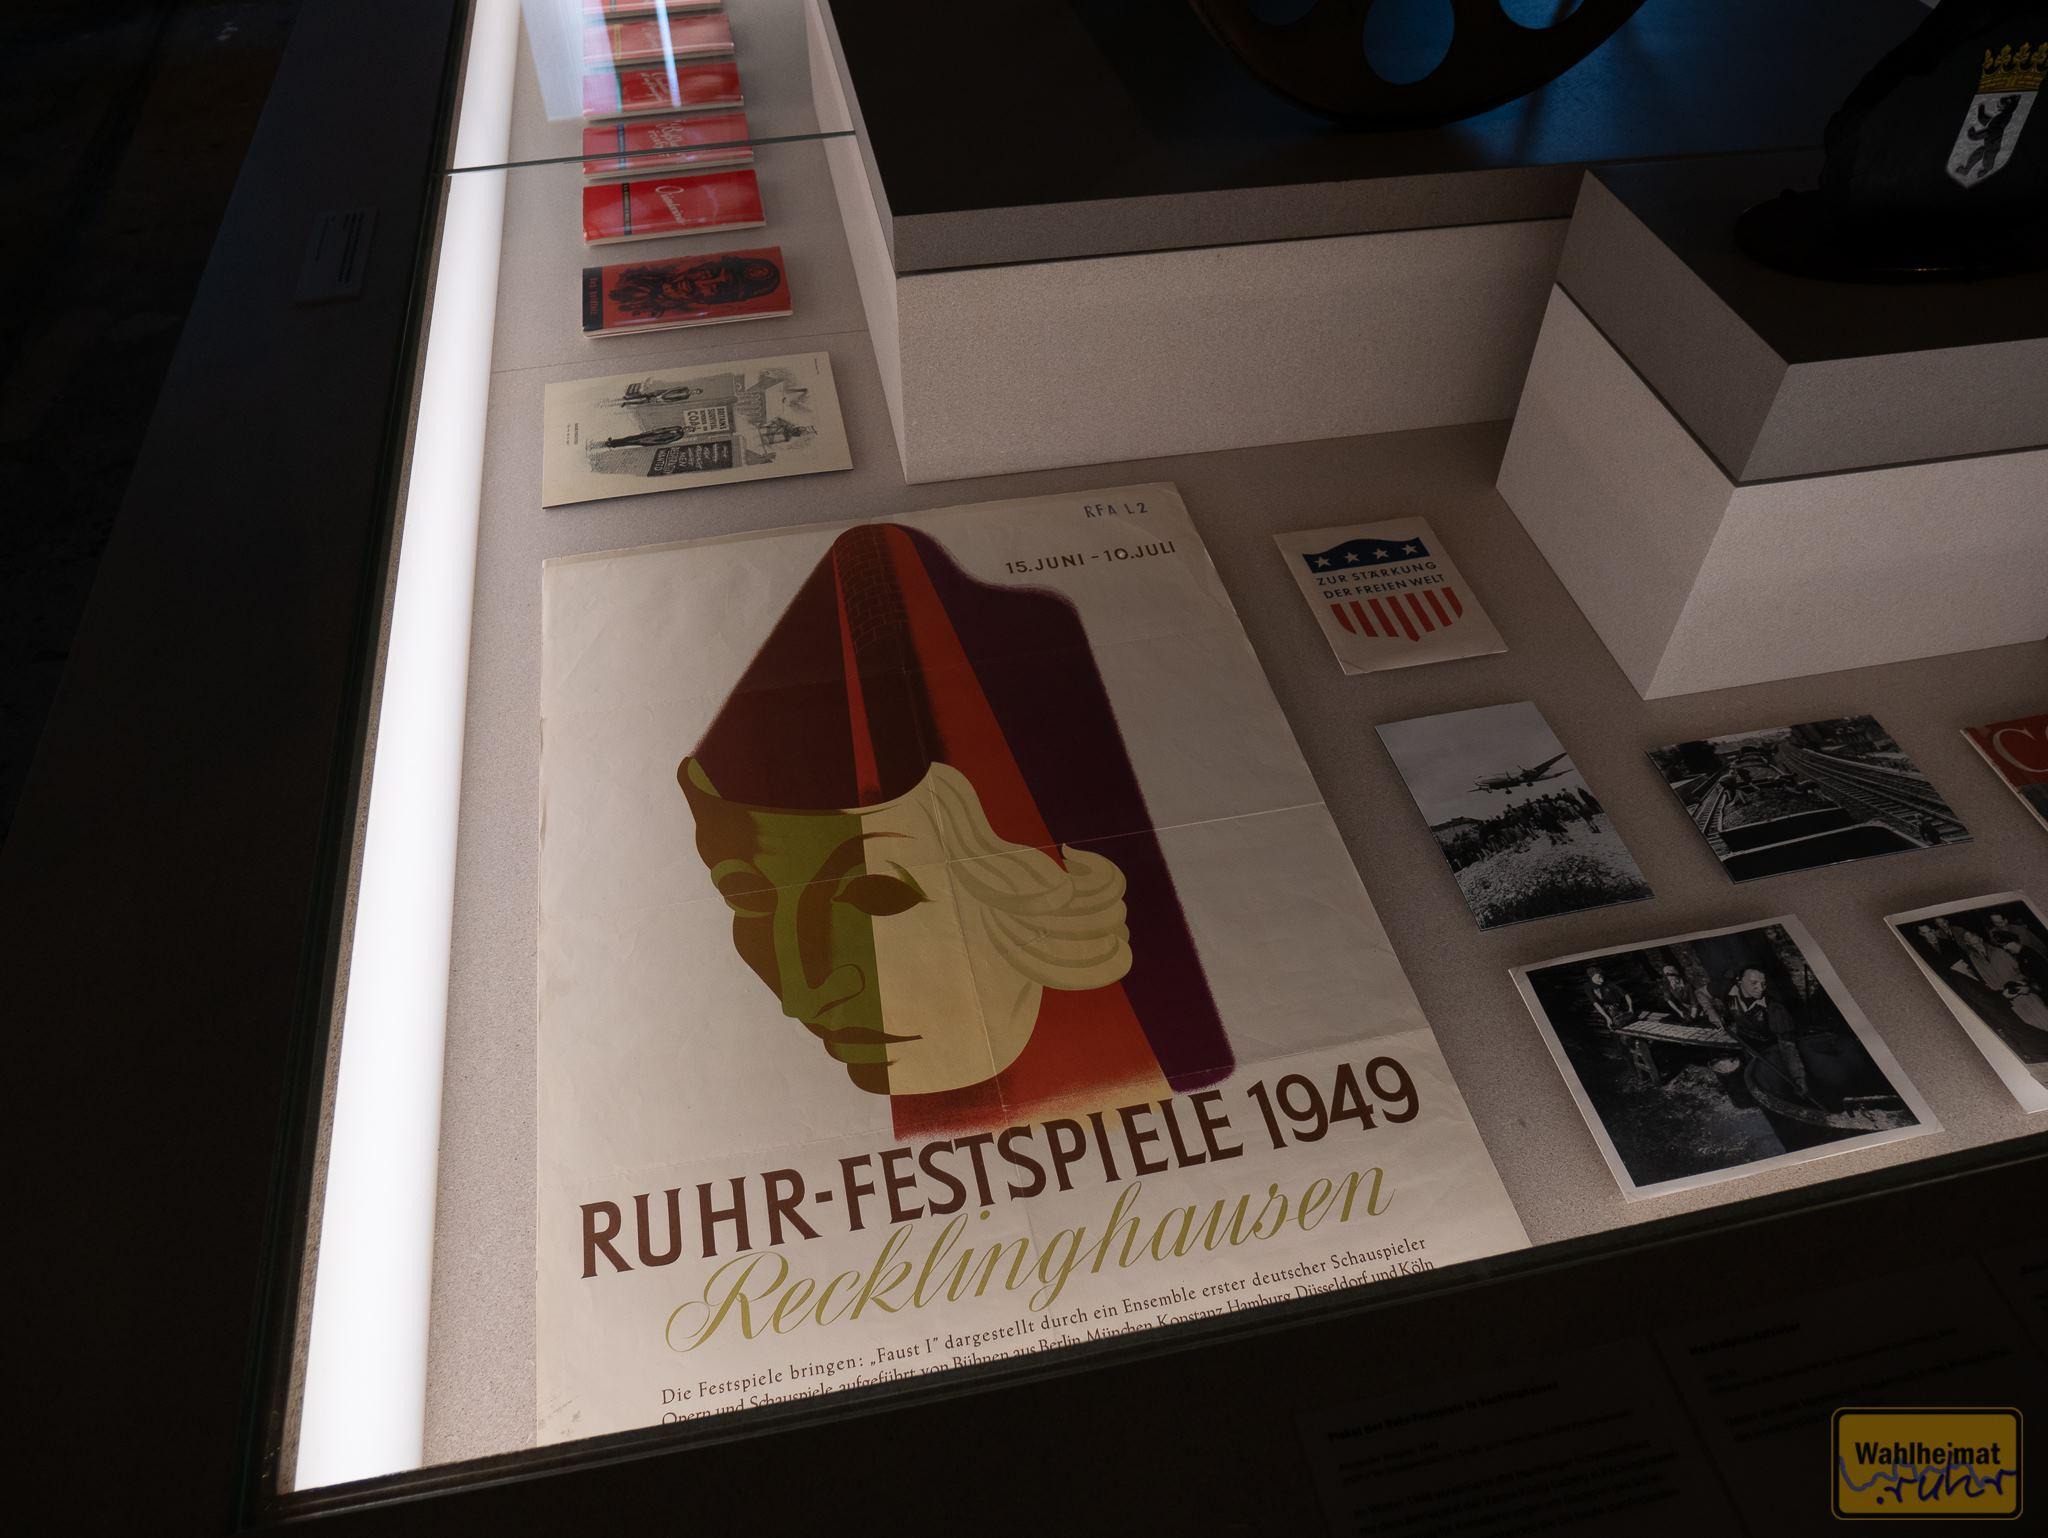 """Eine der """"Kunst & Kohle""""-Ausstellungen findet gerade in der Kokerei Zollverein statt: """"Das Zeitalter der Kohle"""" kann auch mit Ruhrfestspiel-Motiven aufwarten!"""